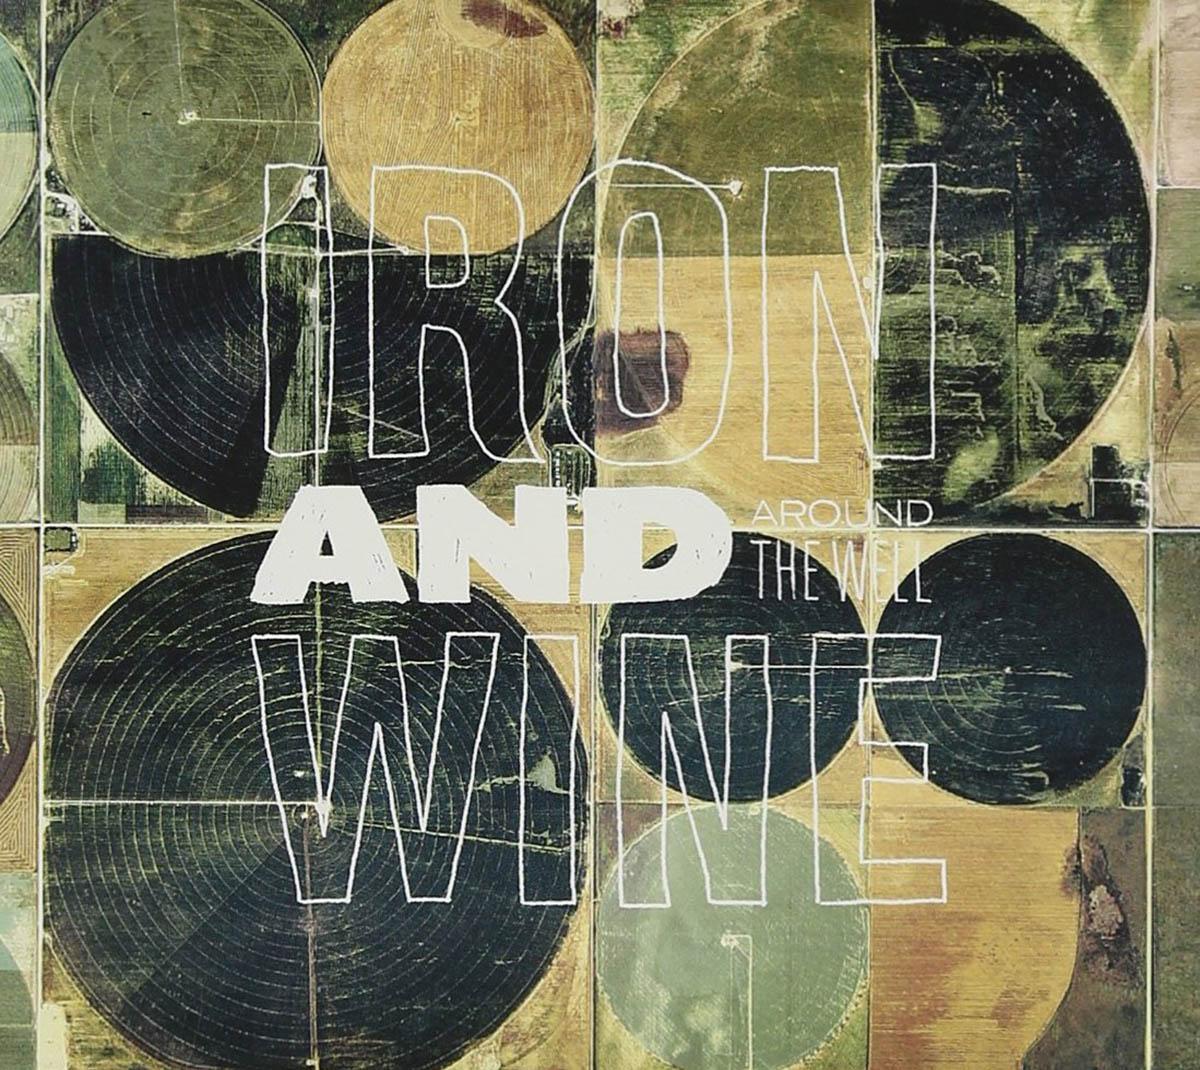 Iron and Wine, Around the Well